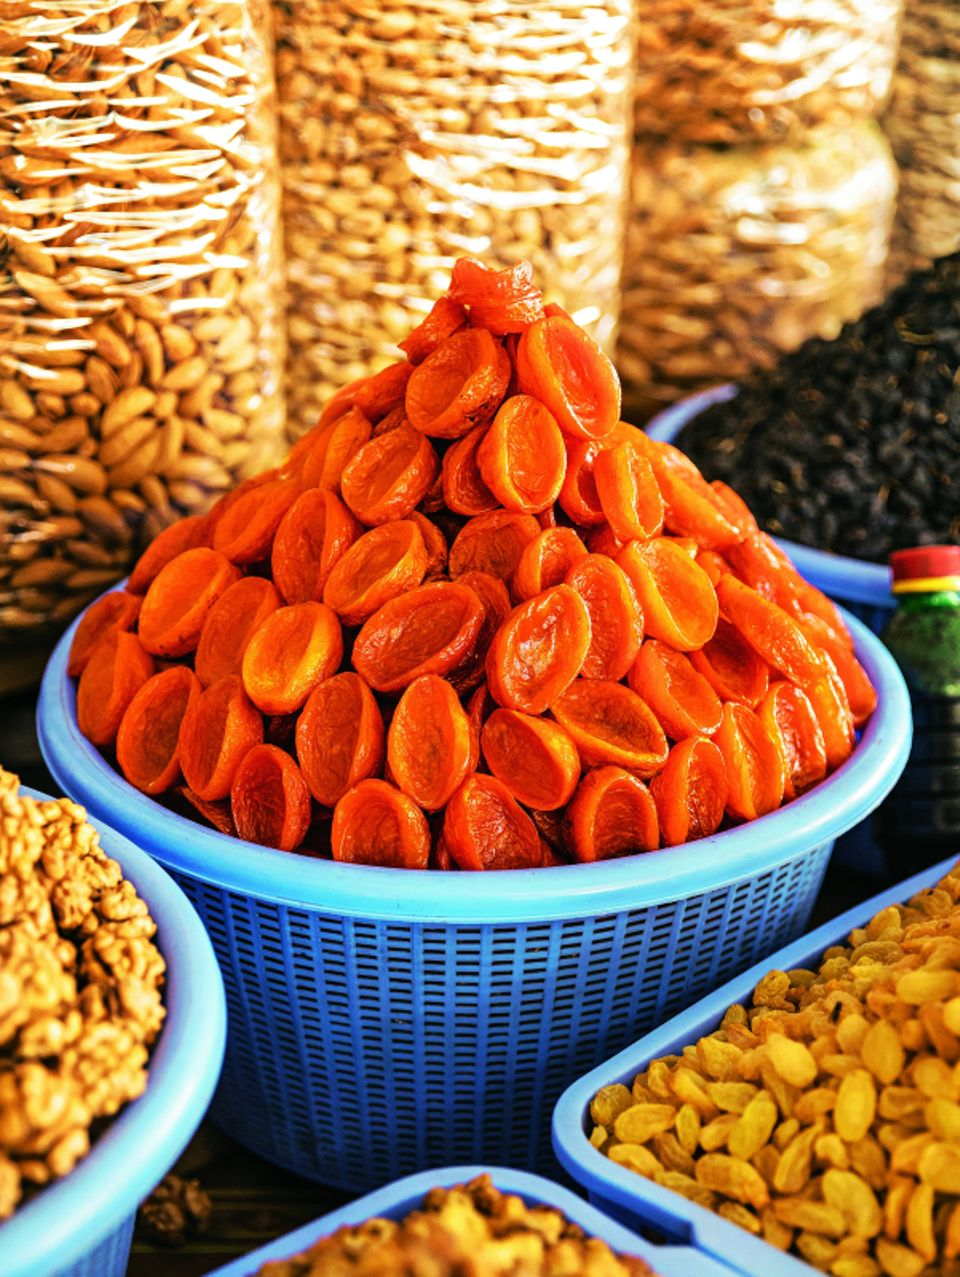 Aprikosen auf Markt